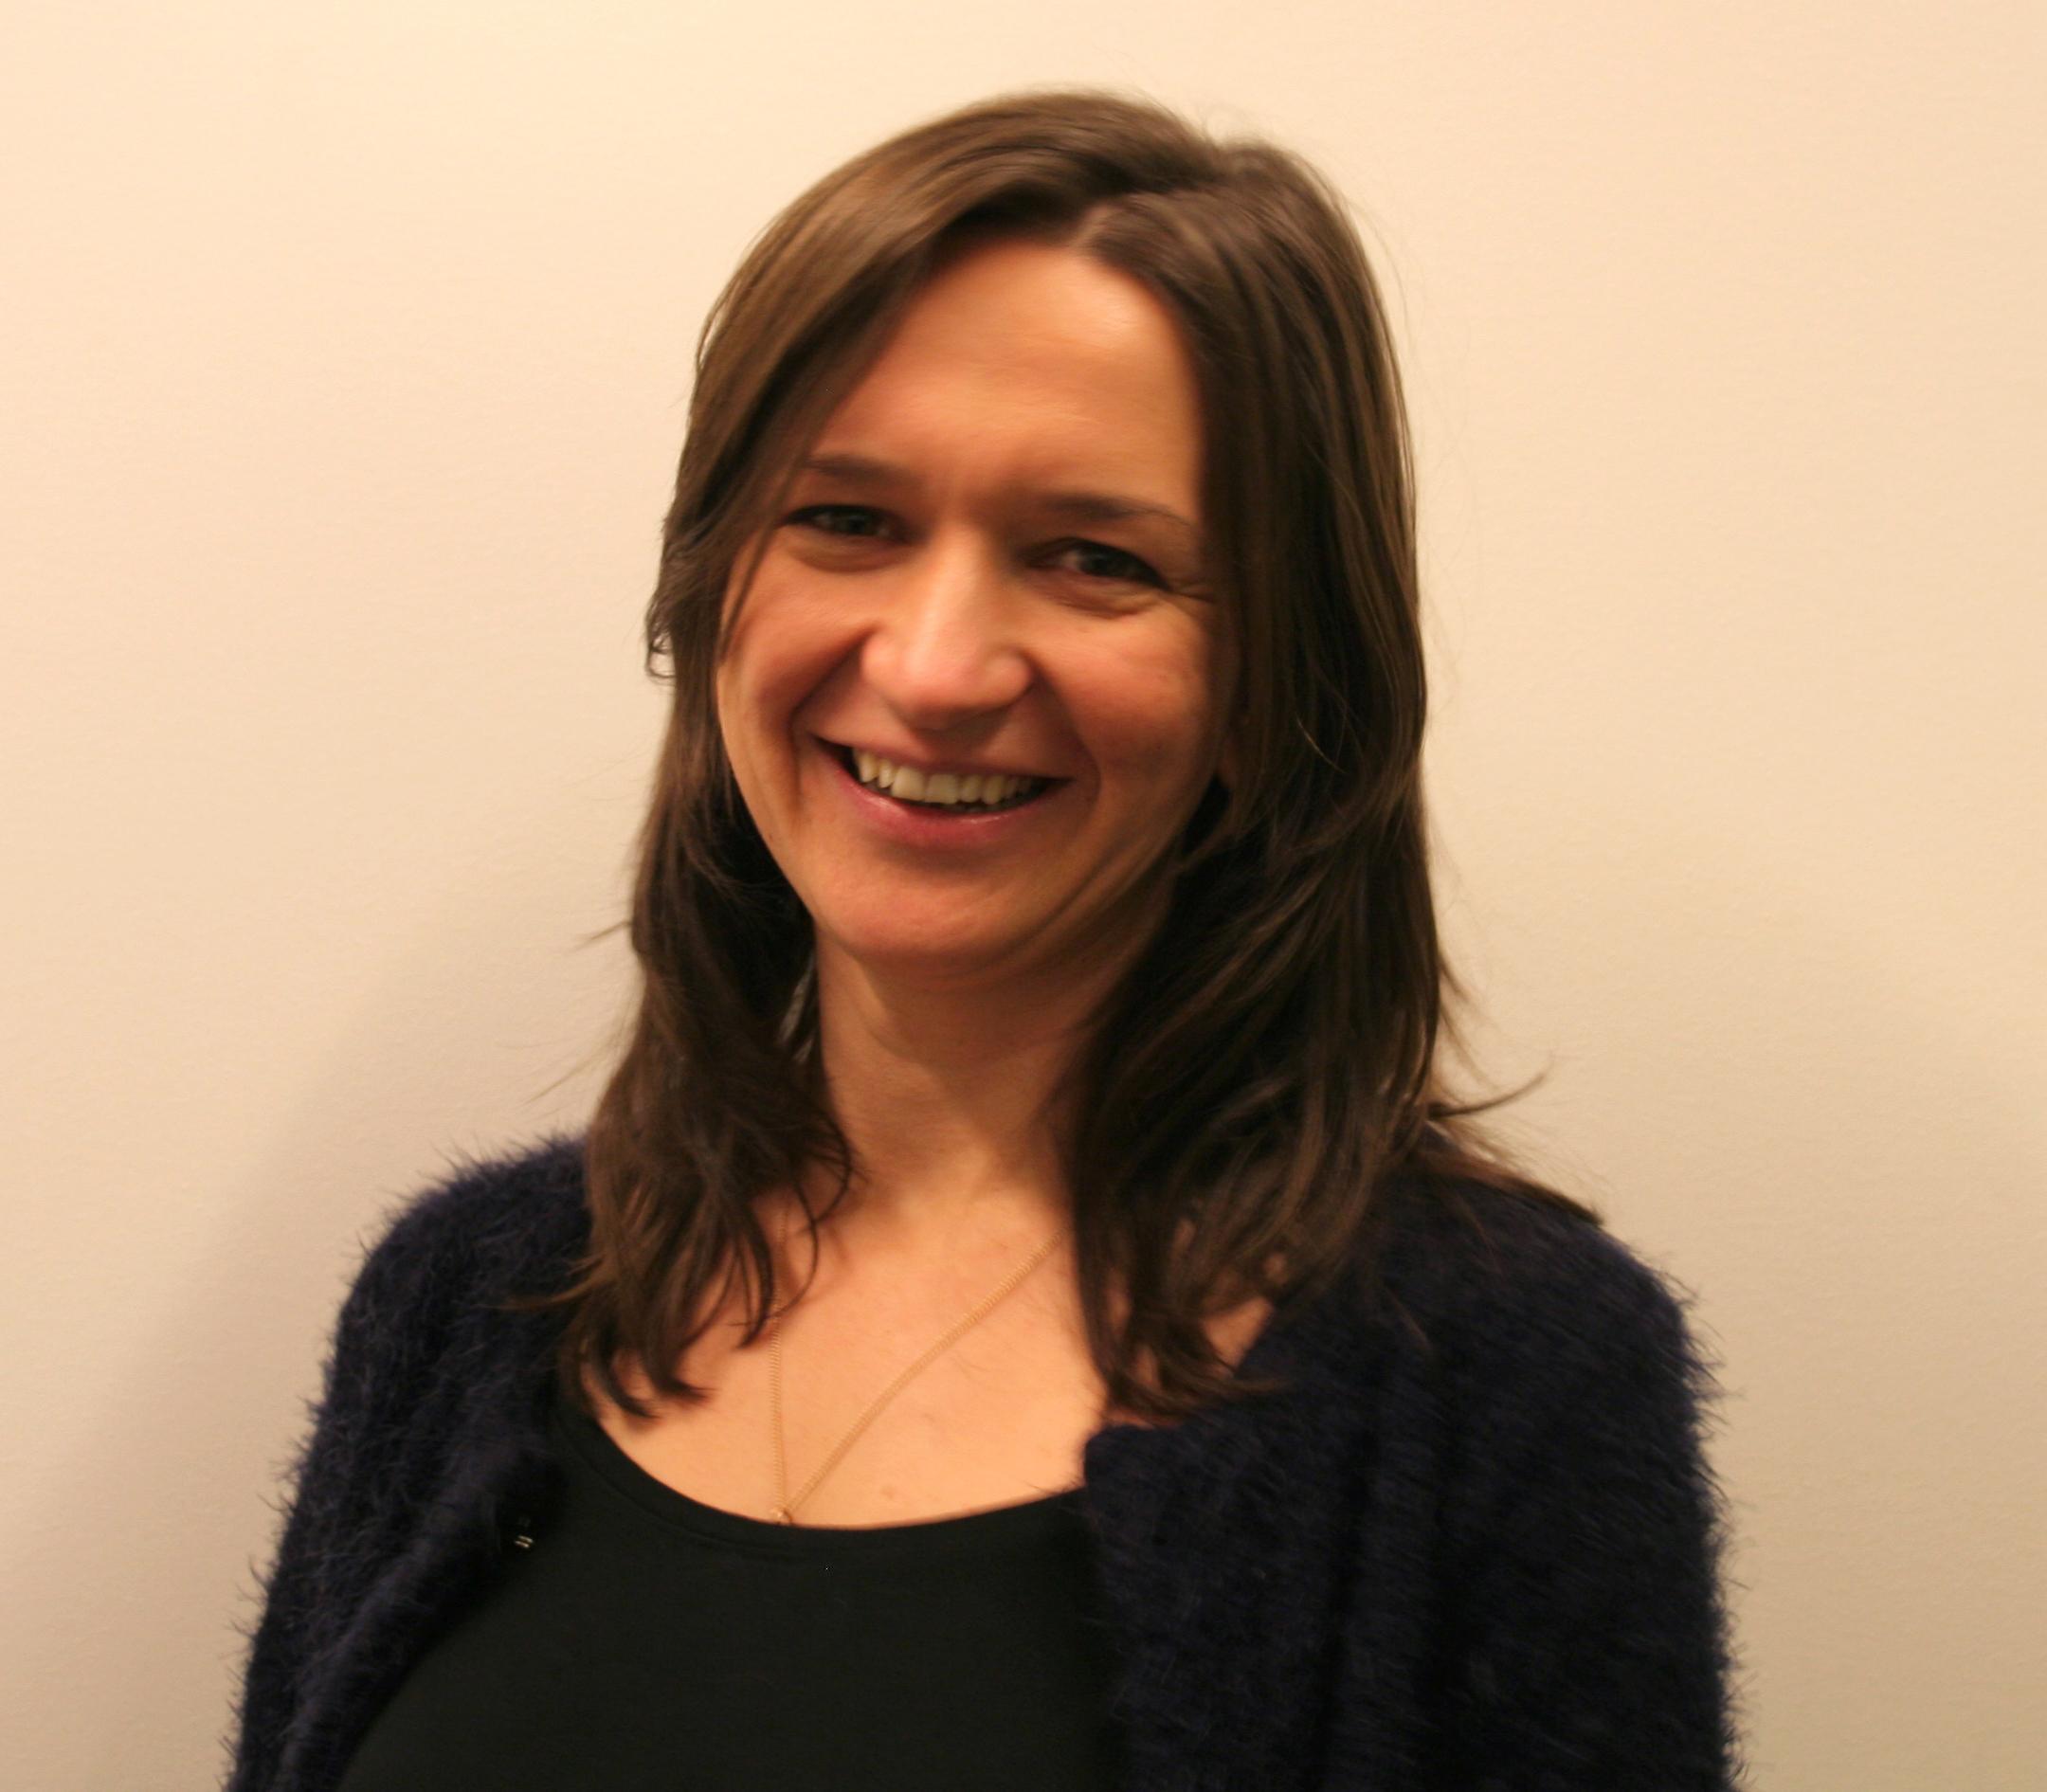 Nina van der Vaart - Project coordinator